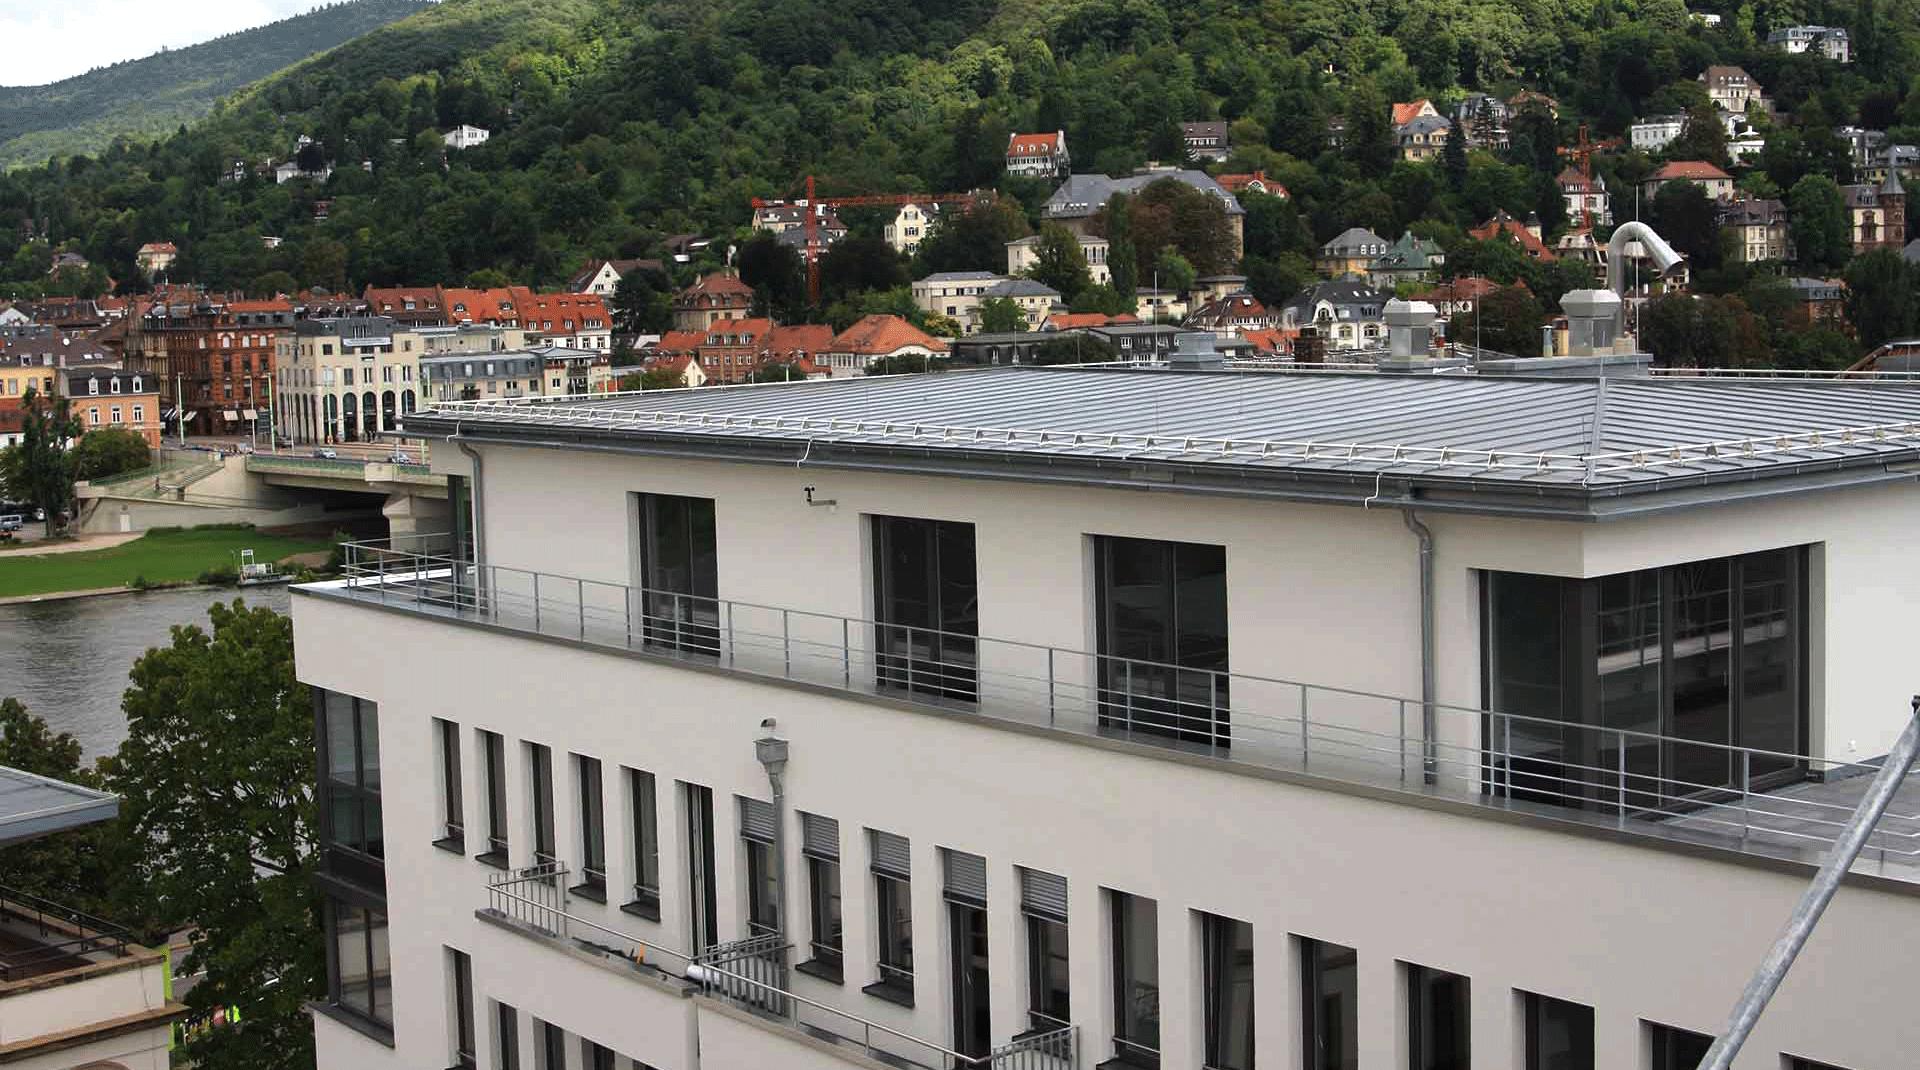 Kran igo ma 21 koch bedachungen tschopp hitzkirch - Innenarchitekt heidelberg ...